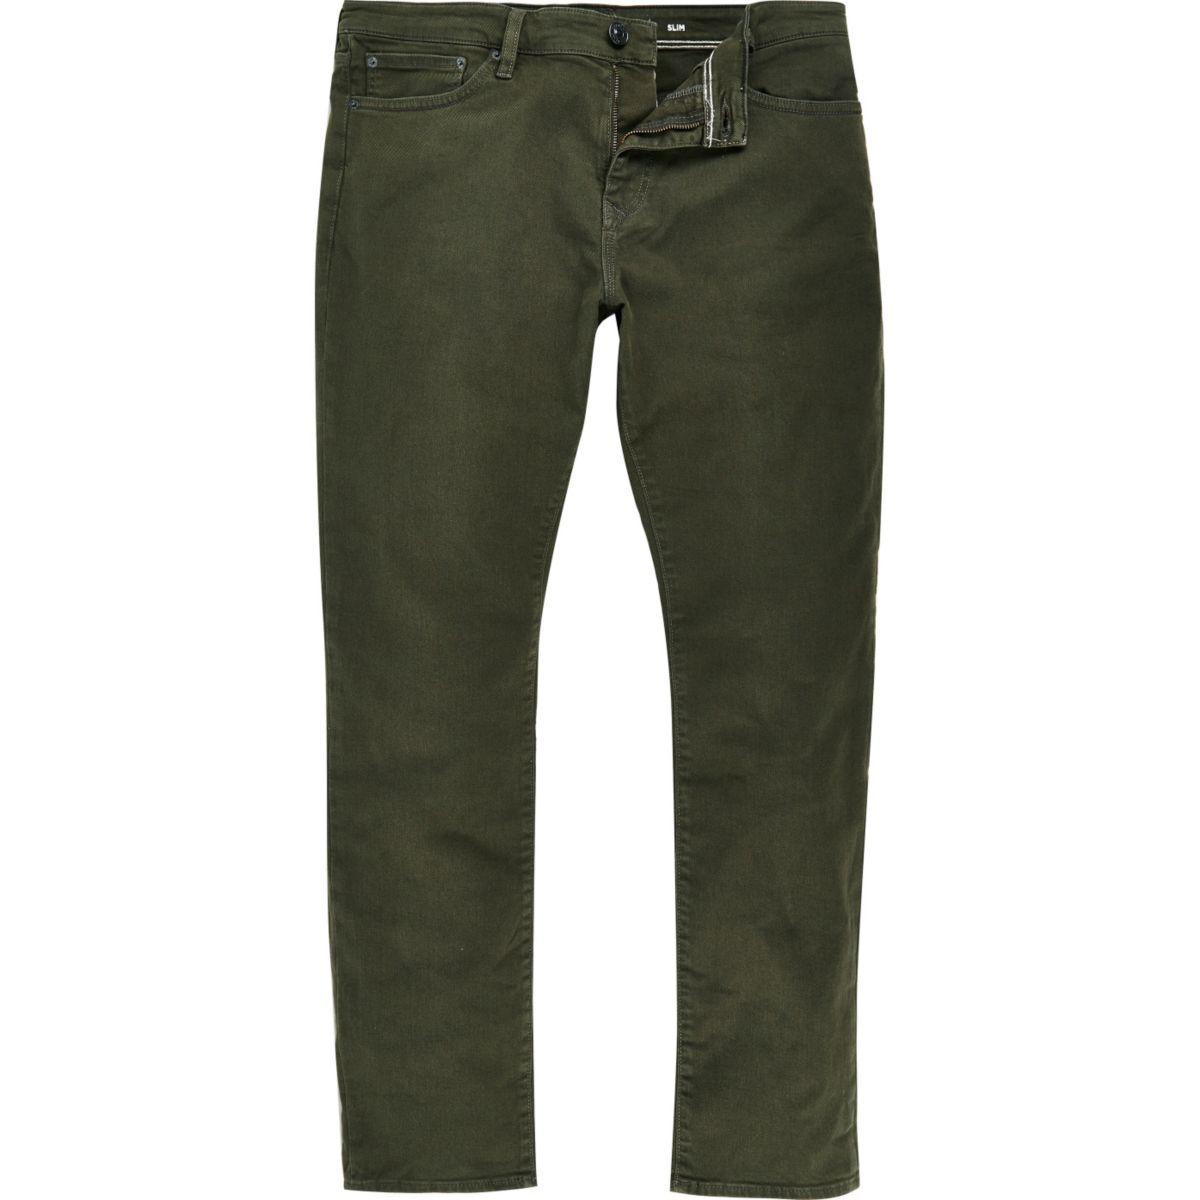 Khaki green Dylan slim fit jeans